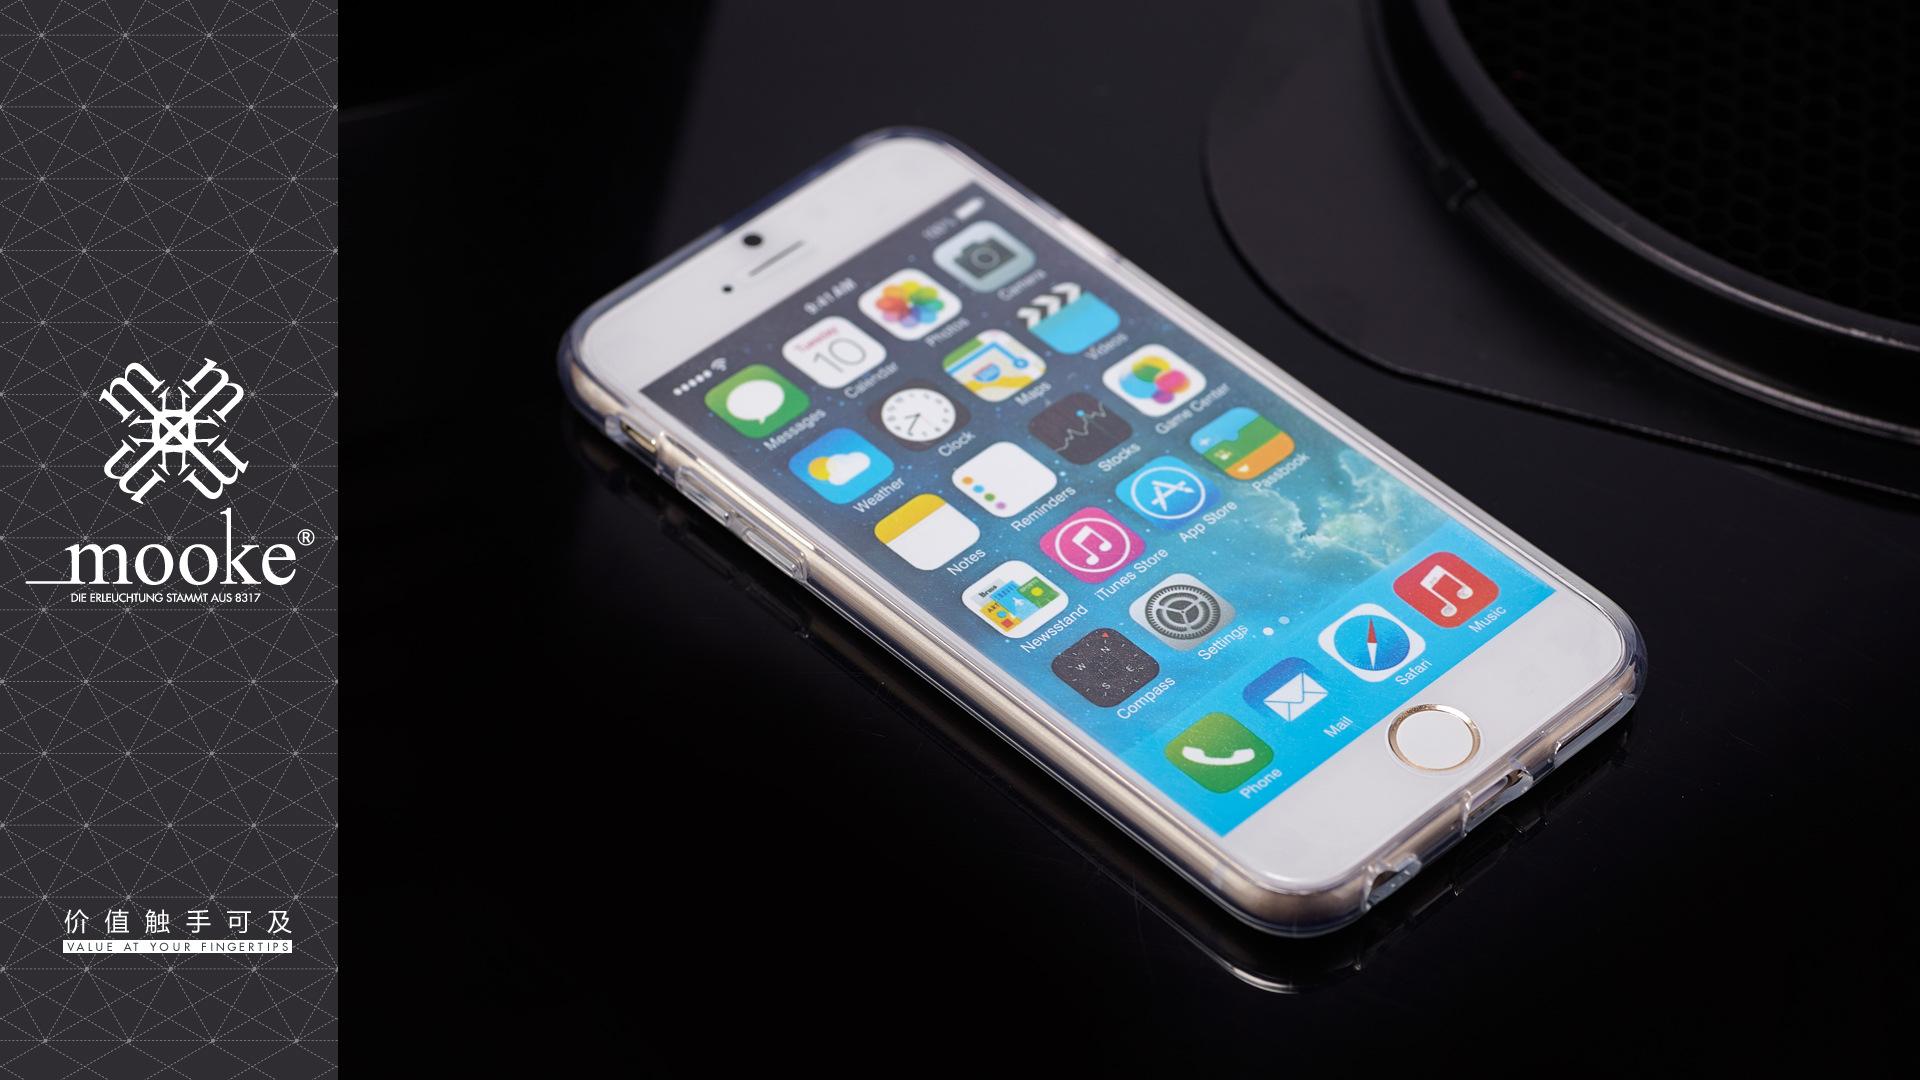 【iphone6苹果透明手机壳高清保护套PCiphone设置铃声itunes图片